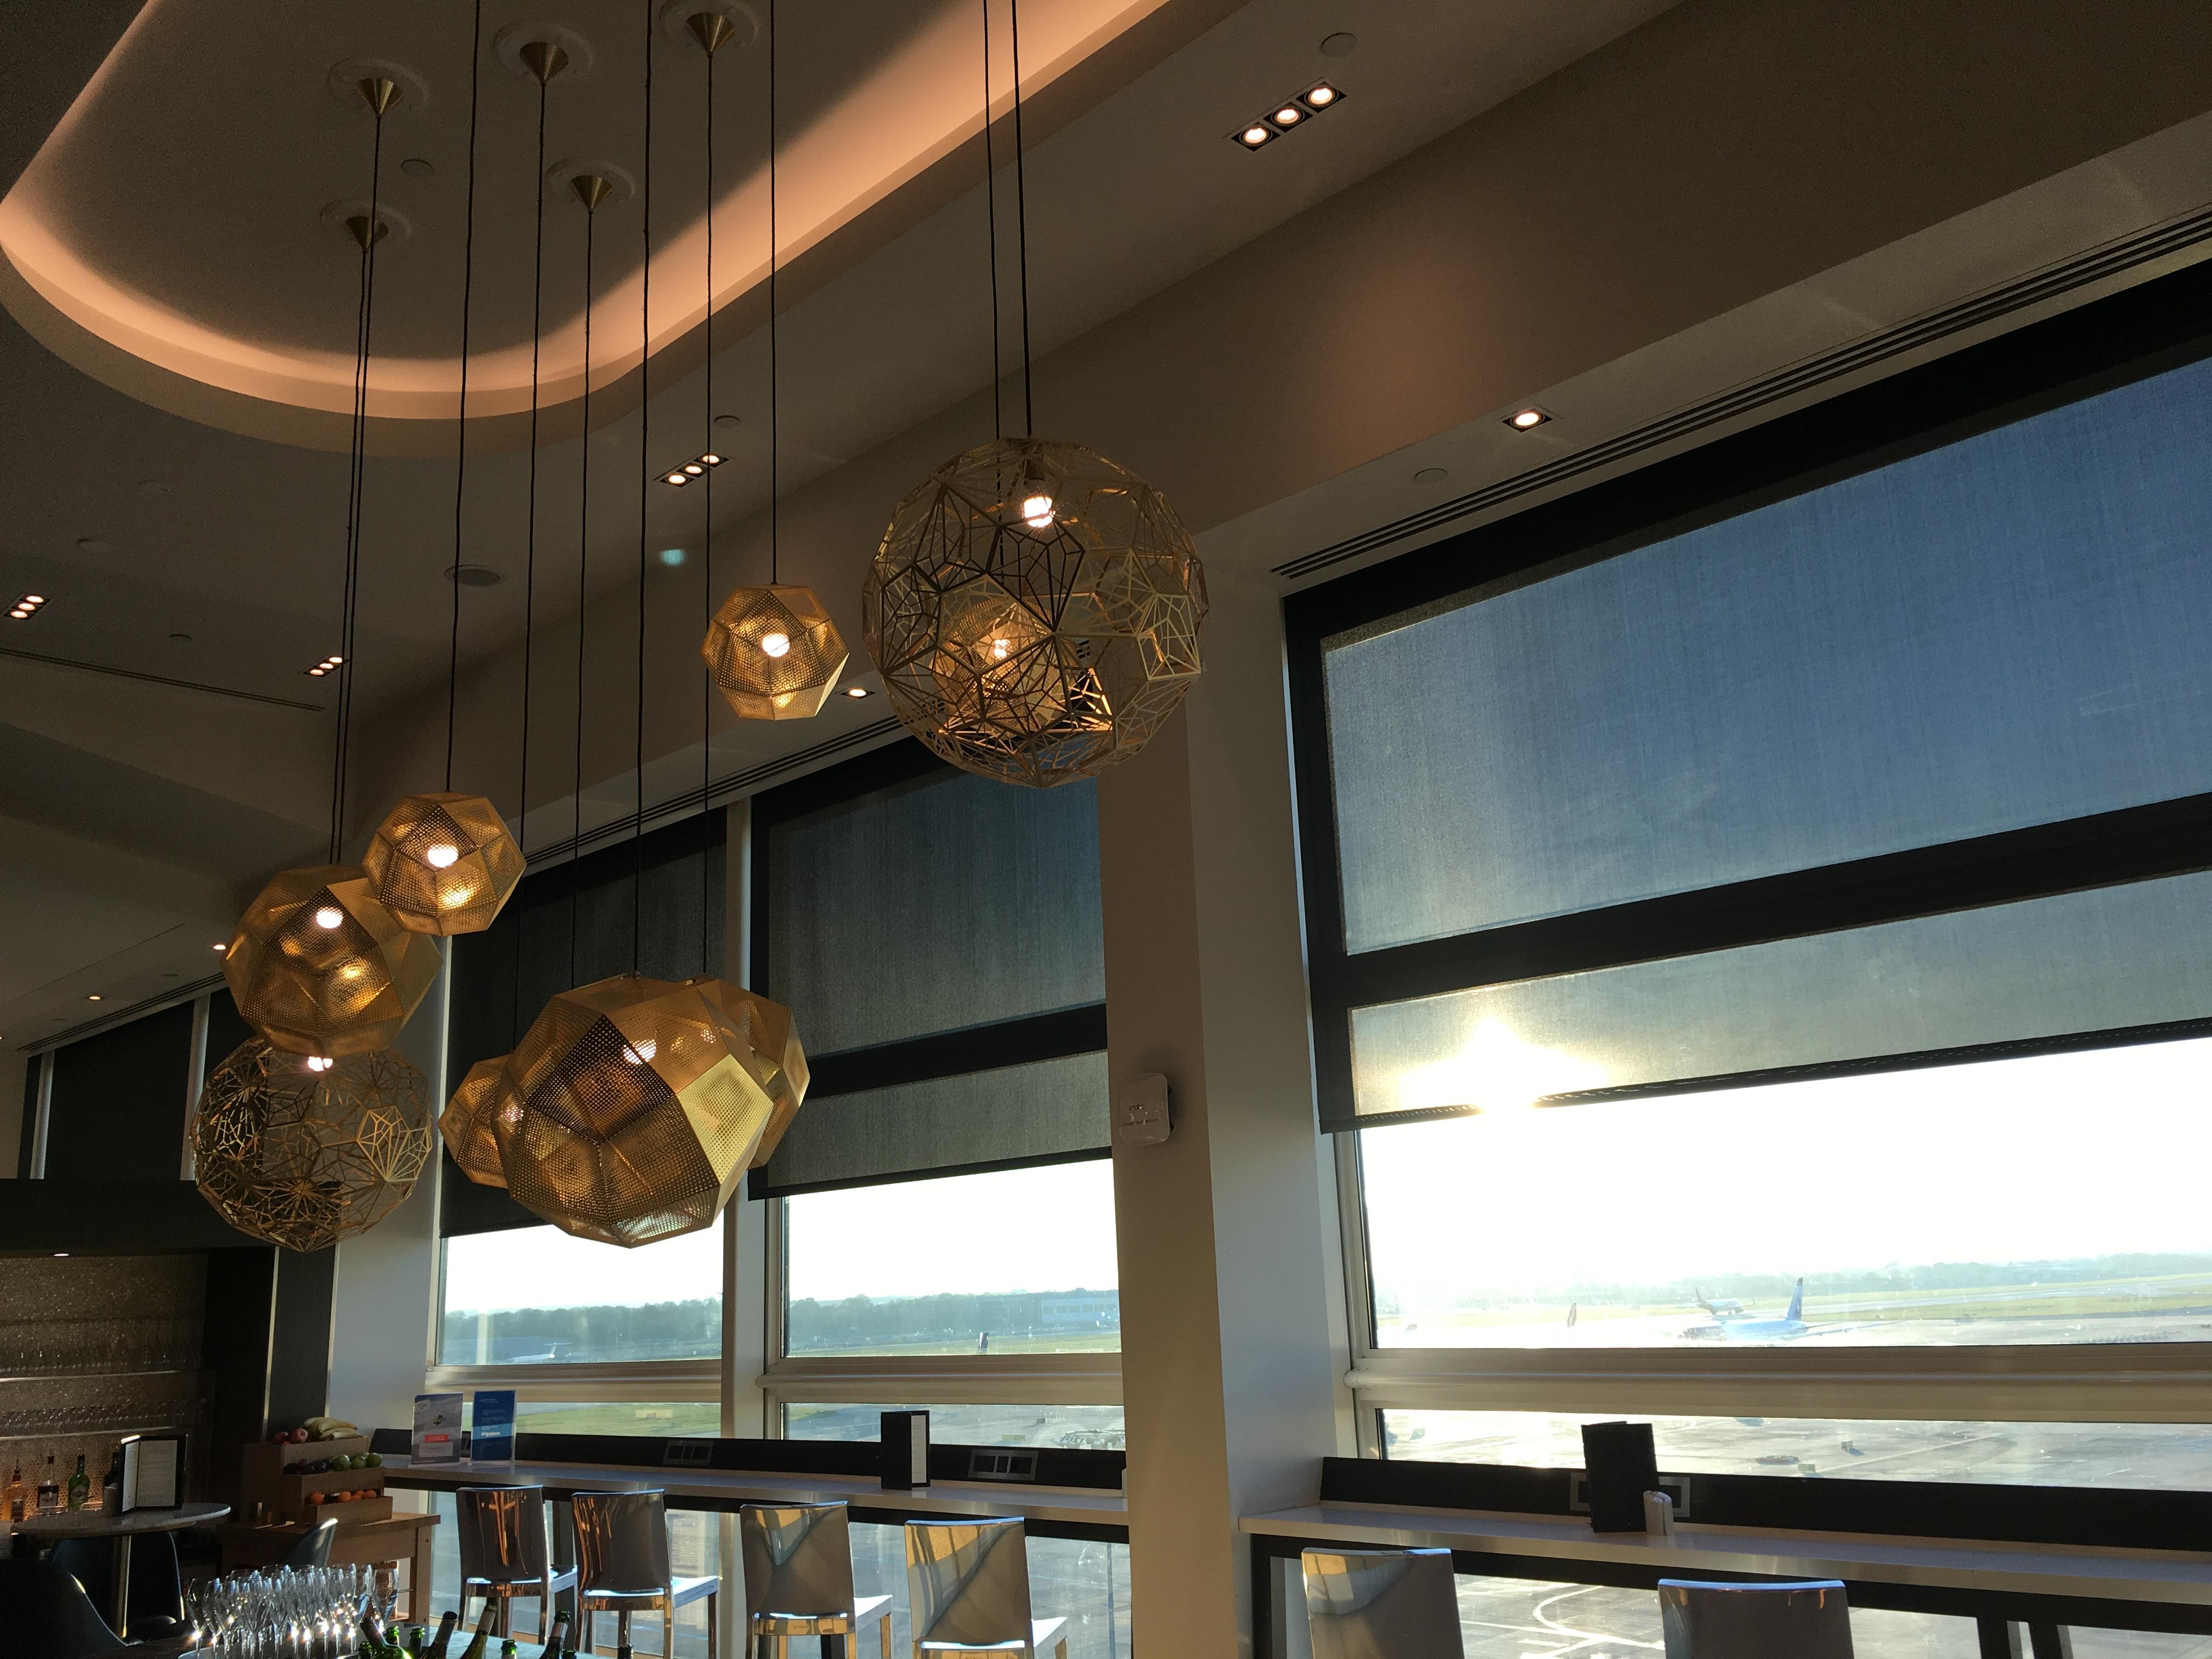 Lounge Review : ロンドンガトウィック空港(LGW) 南ターミナル ブリティッシュ・エアウェイズ(BA) ファーストラウンジ(First Lounge)